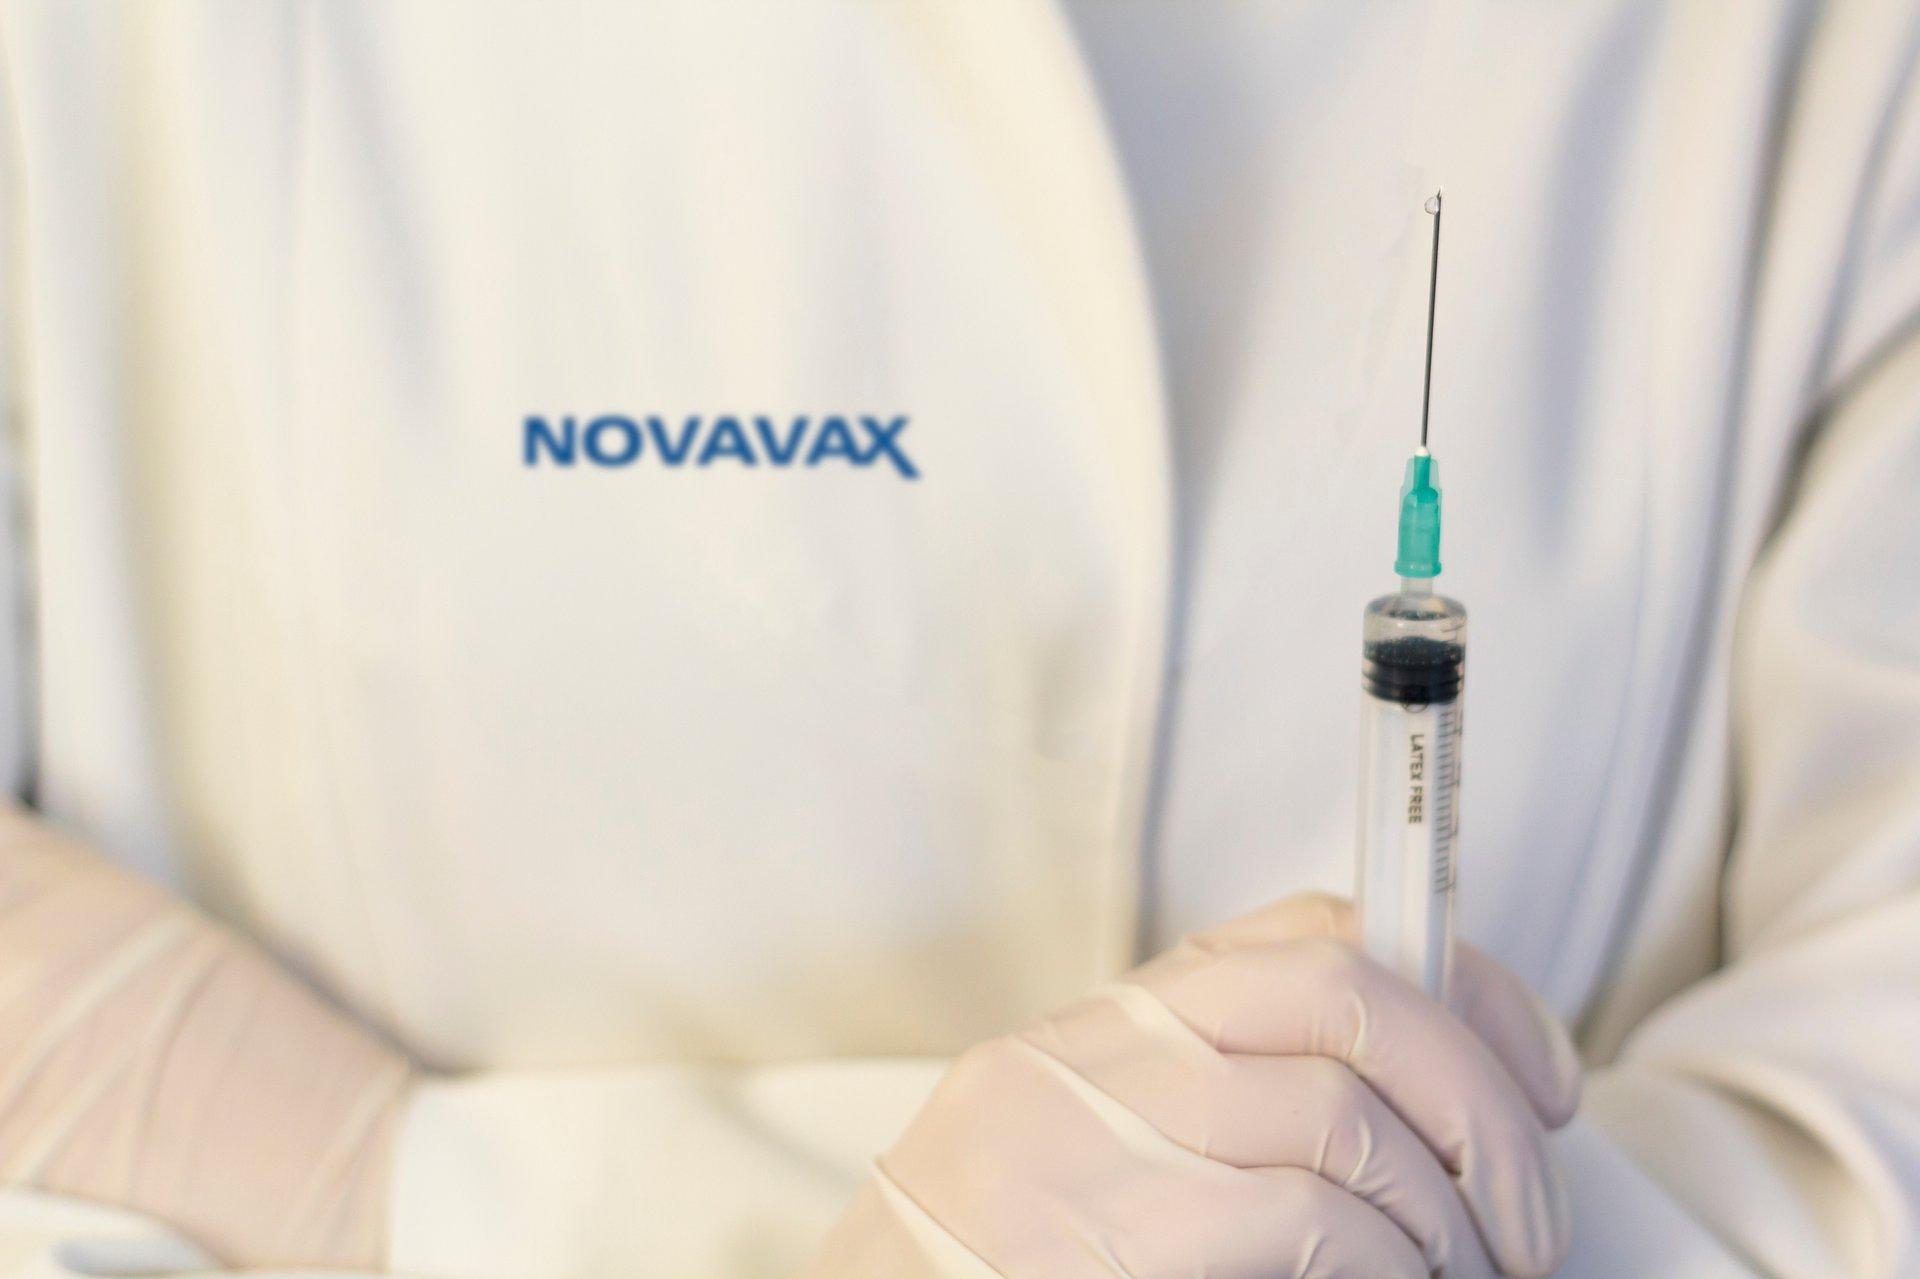 Czwarta szczepionka przeciw COVID-19. Novavax na horyzoncie